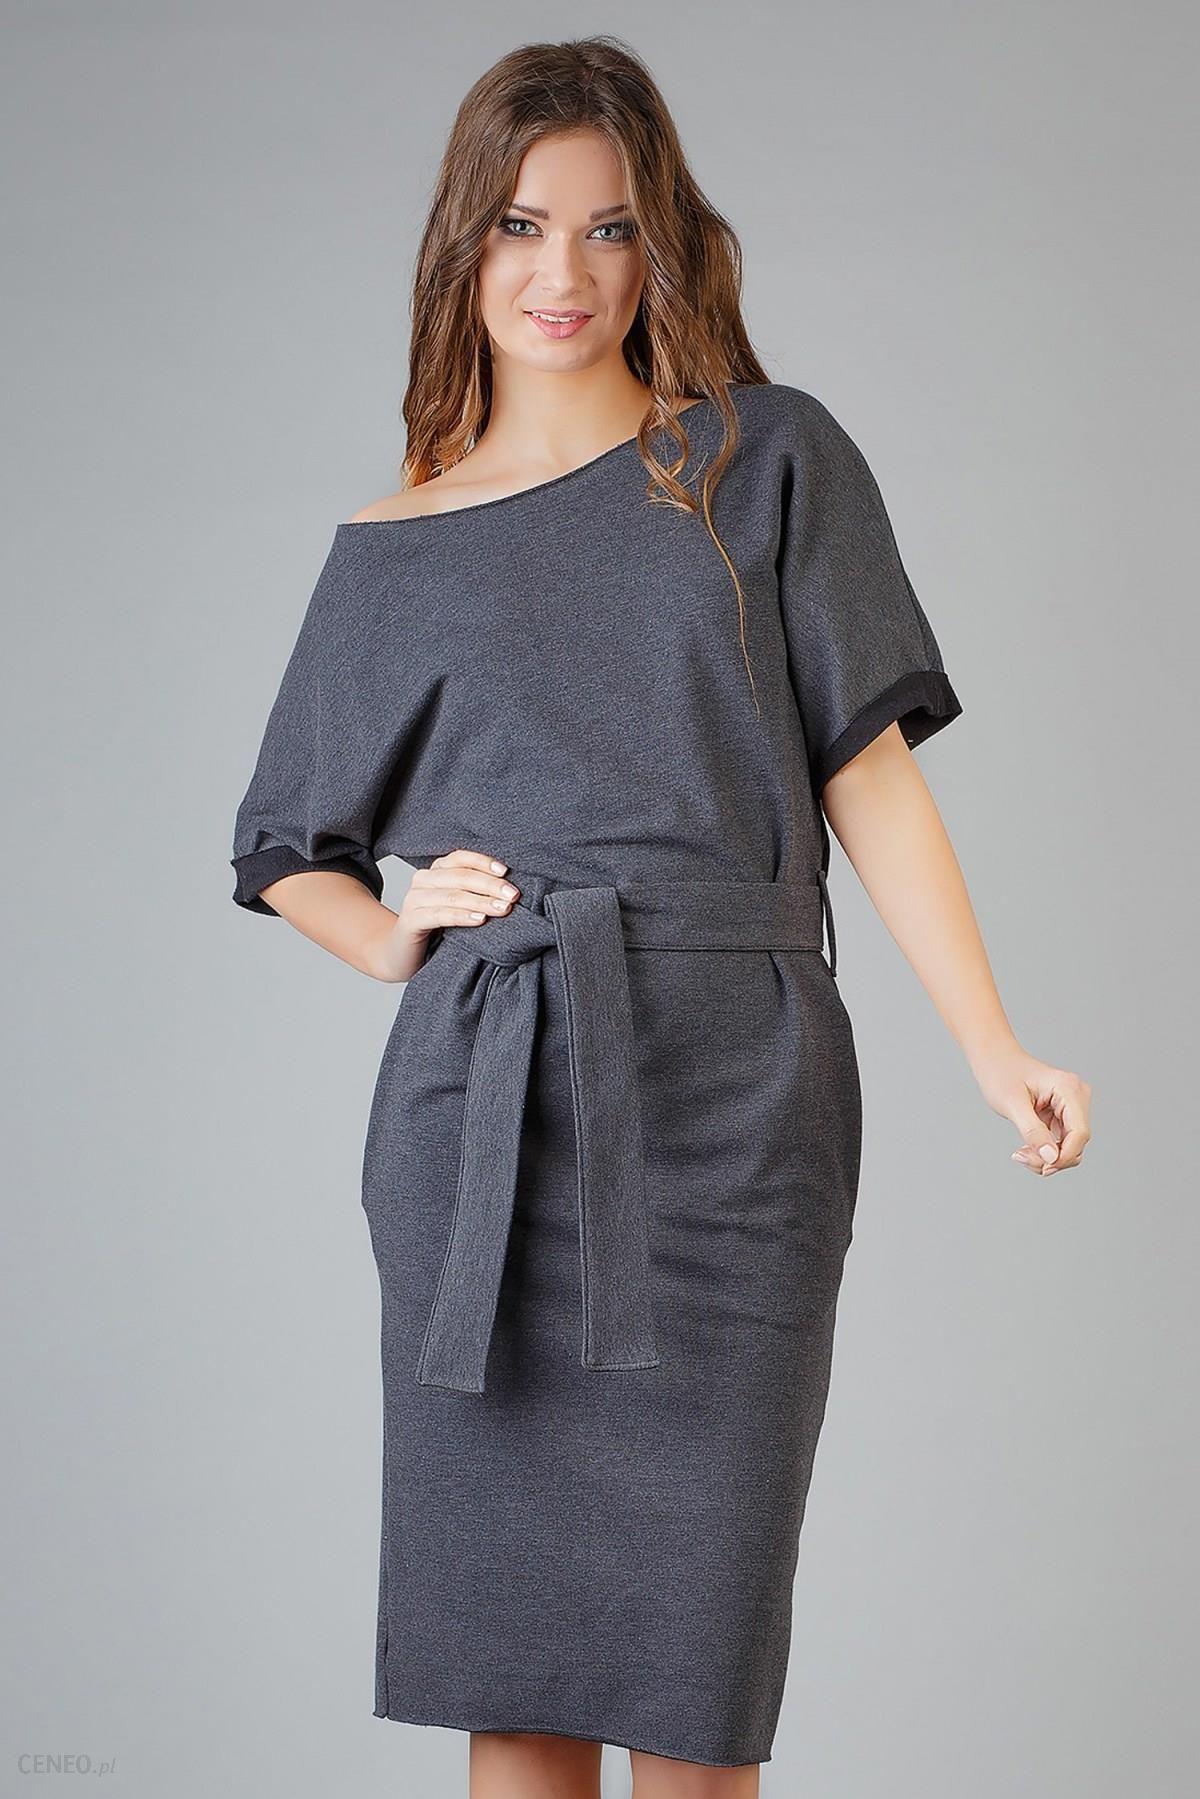 41a0c0072e Sukienka Model Aleksandra 9 Dark Grey - Ceny i opinie - Ceneo.pl